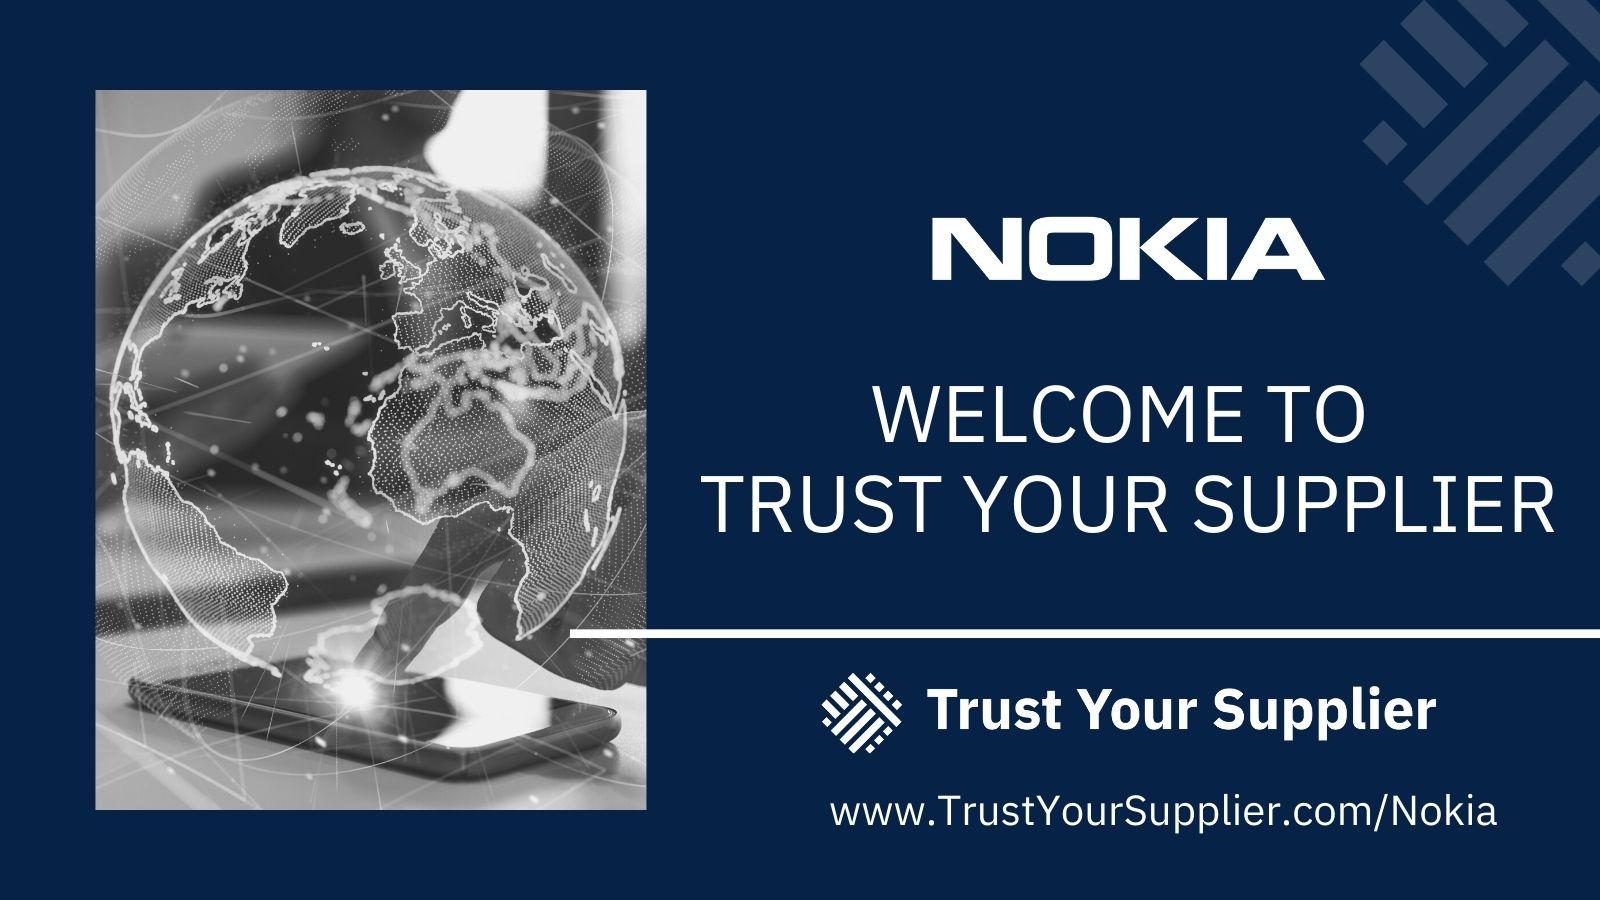 Nokia Announcement